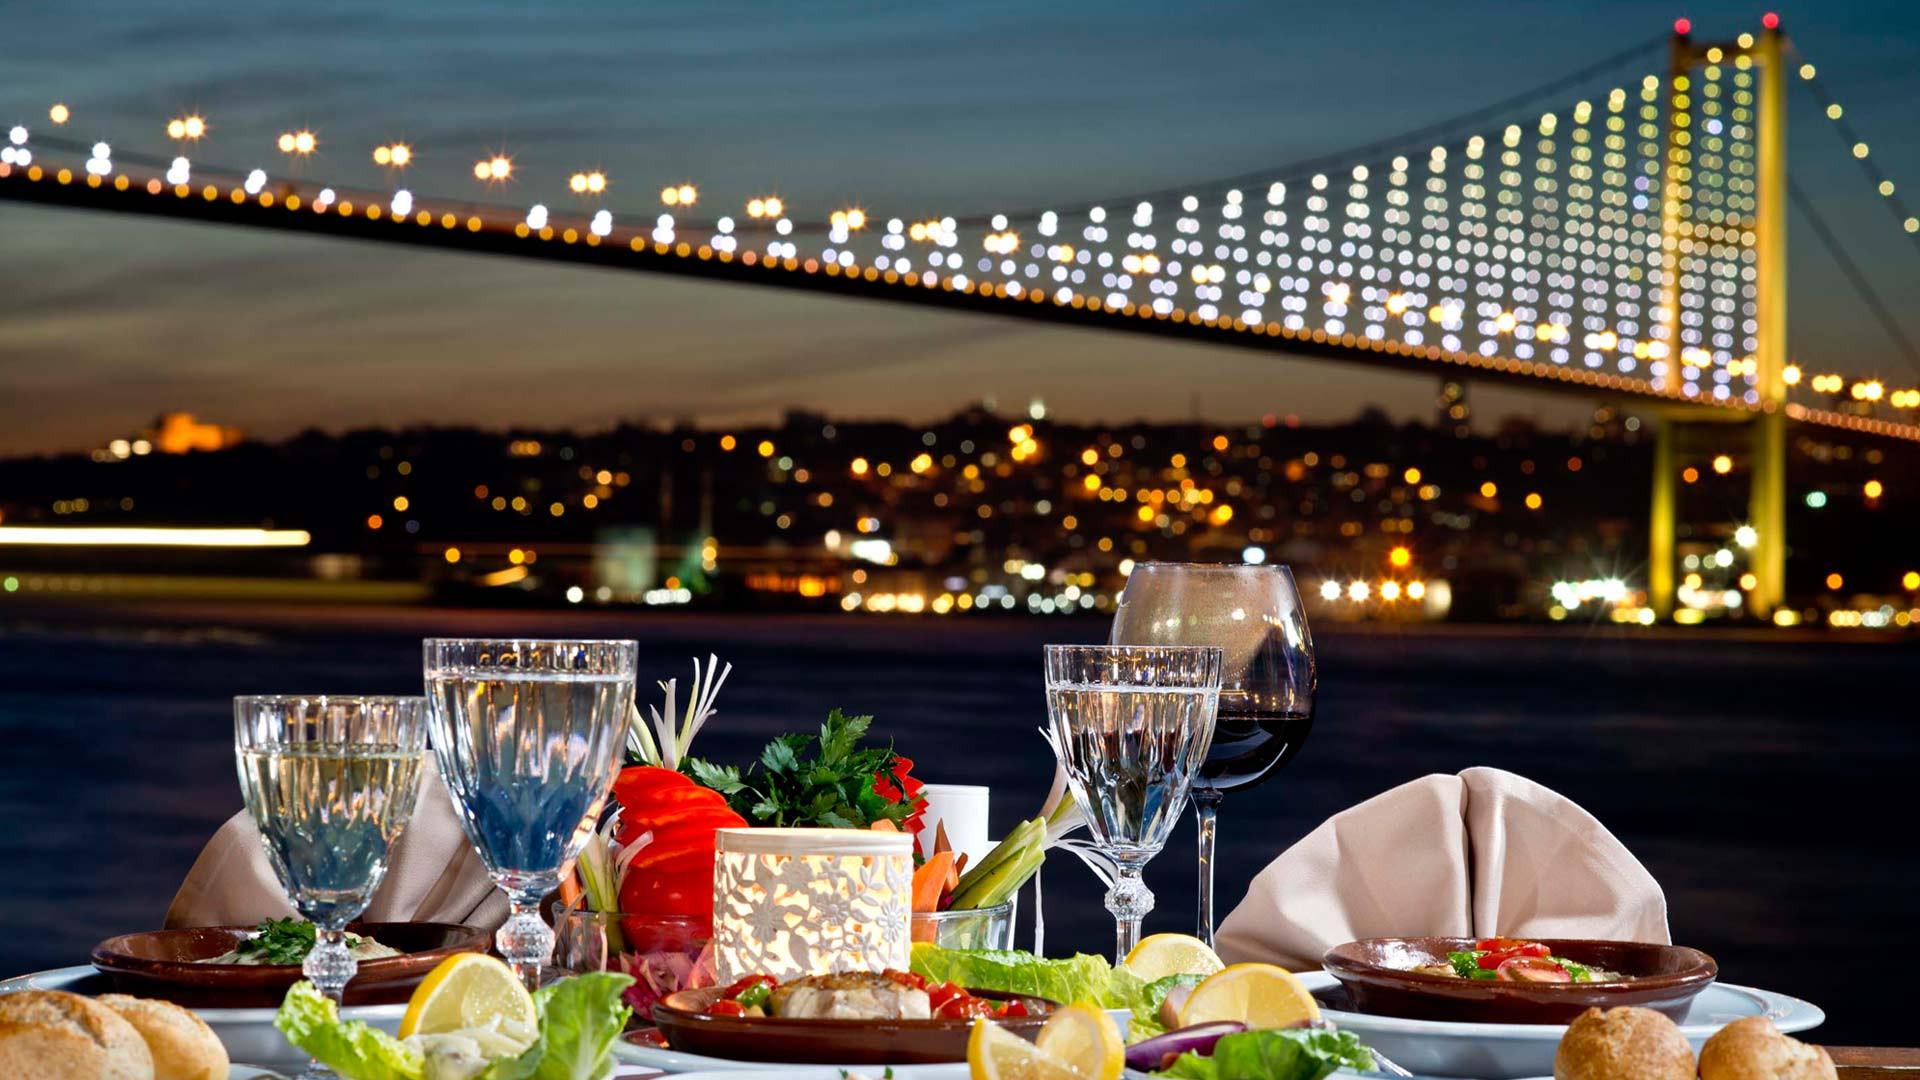 إسطنبول – صبنجة – شيلا (اقتصادي)